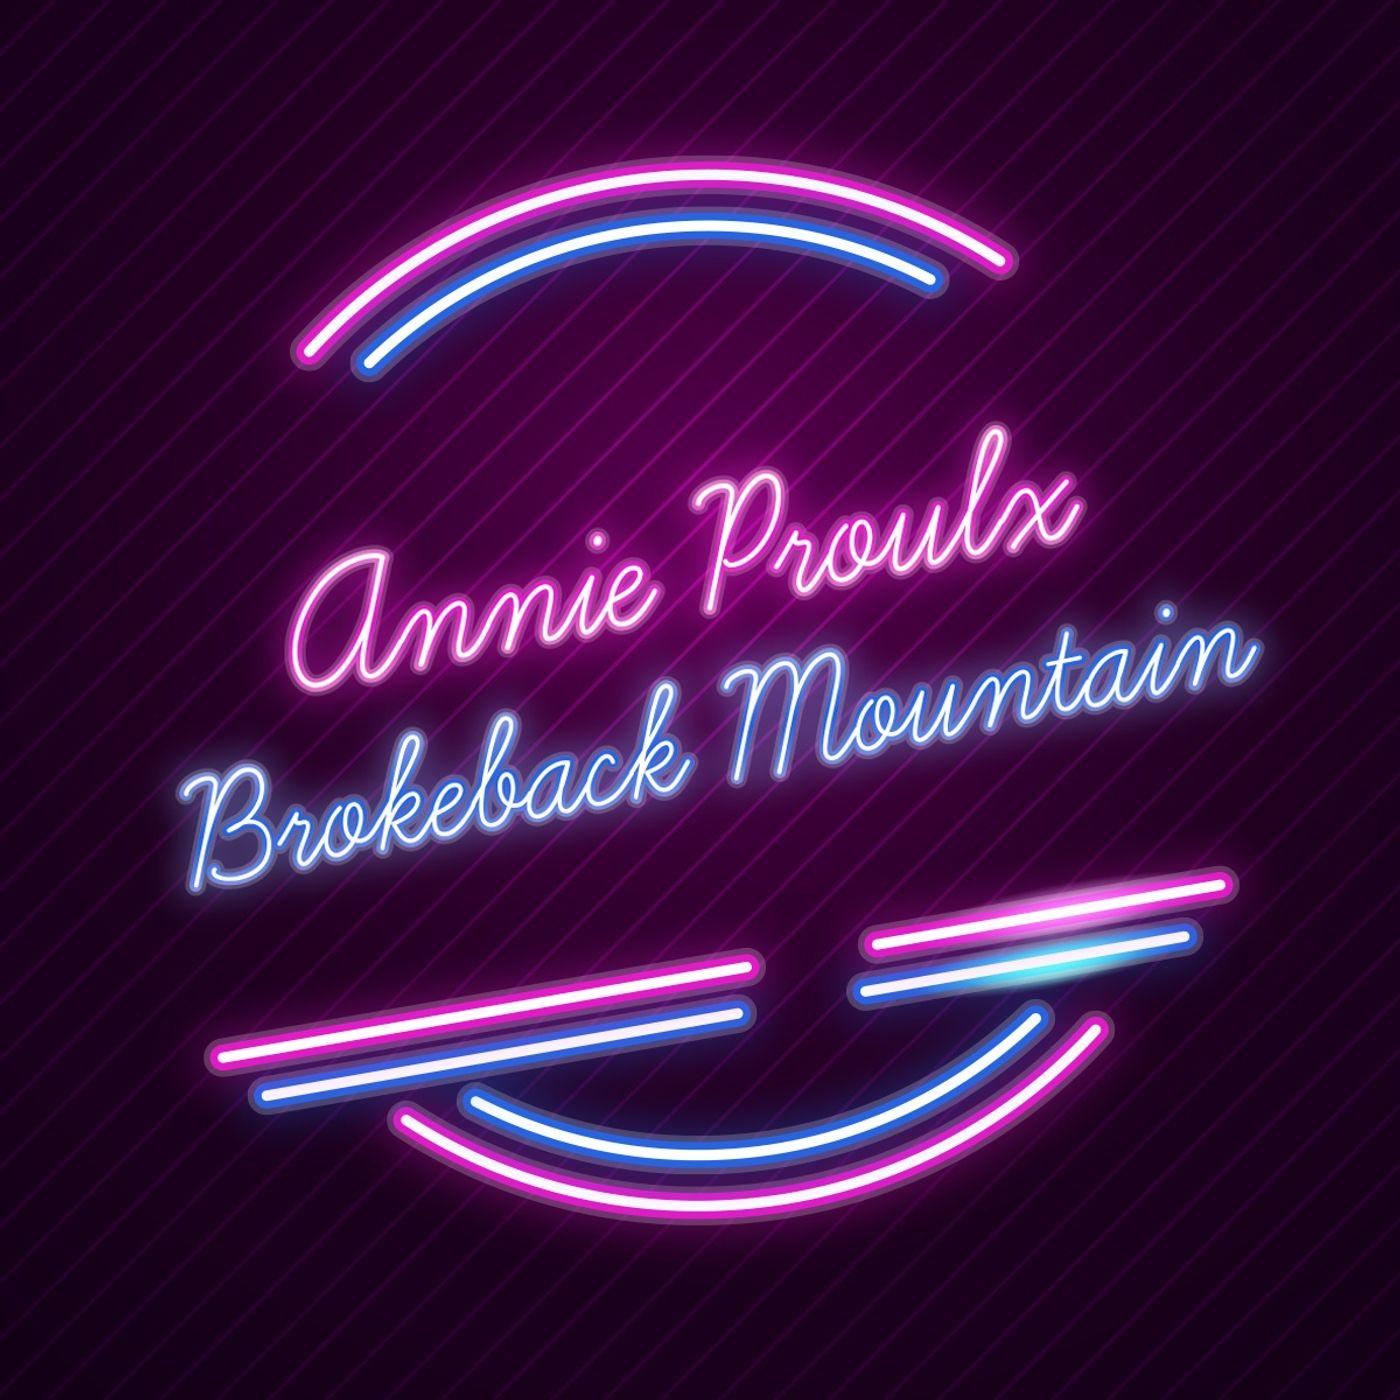 Brokeback Mountain di Annie Proulx raccontato da Niccolò Ammaniti